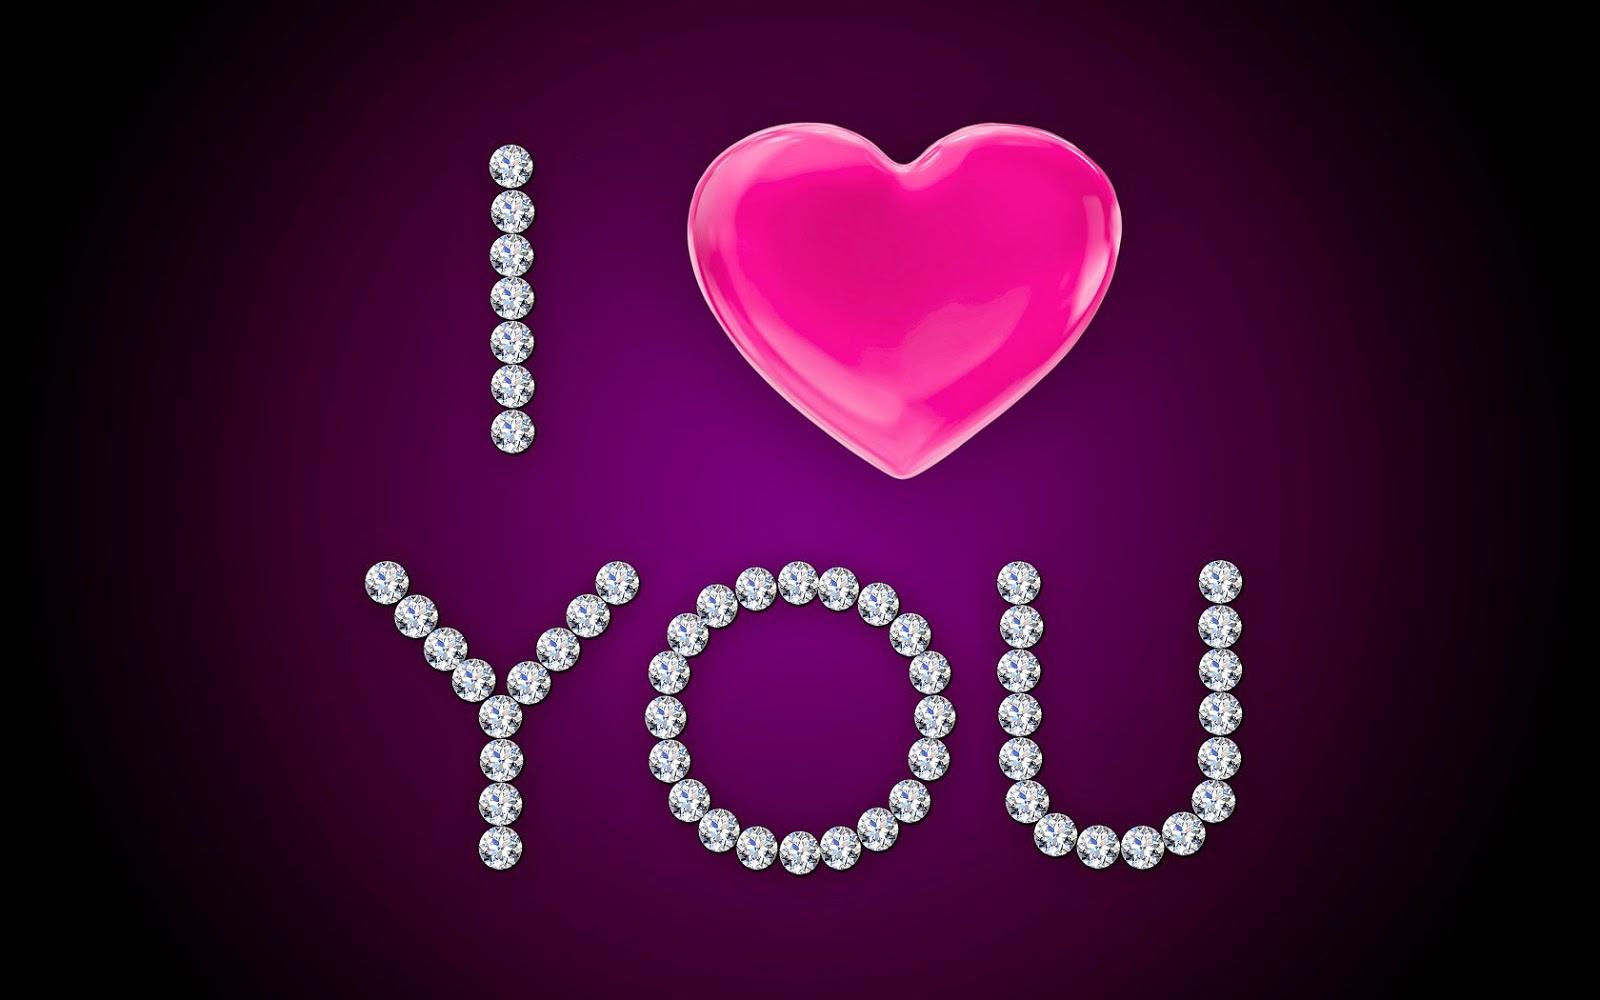 Paarse liefdes achtergrond met diamanten en de tekst I love you